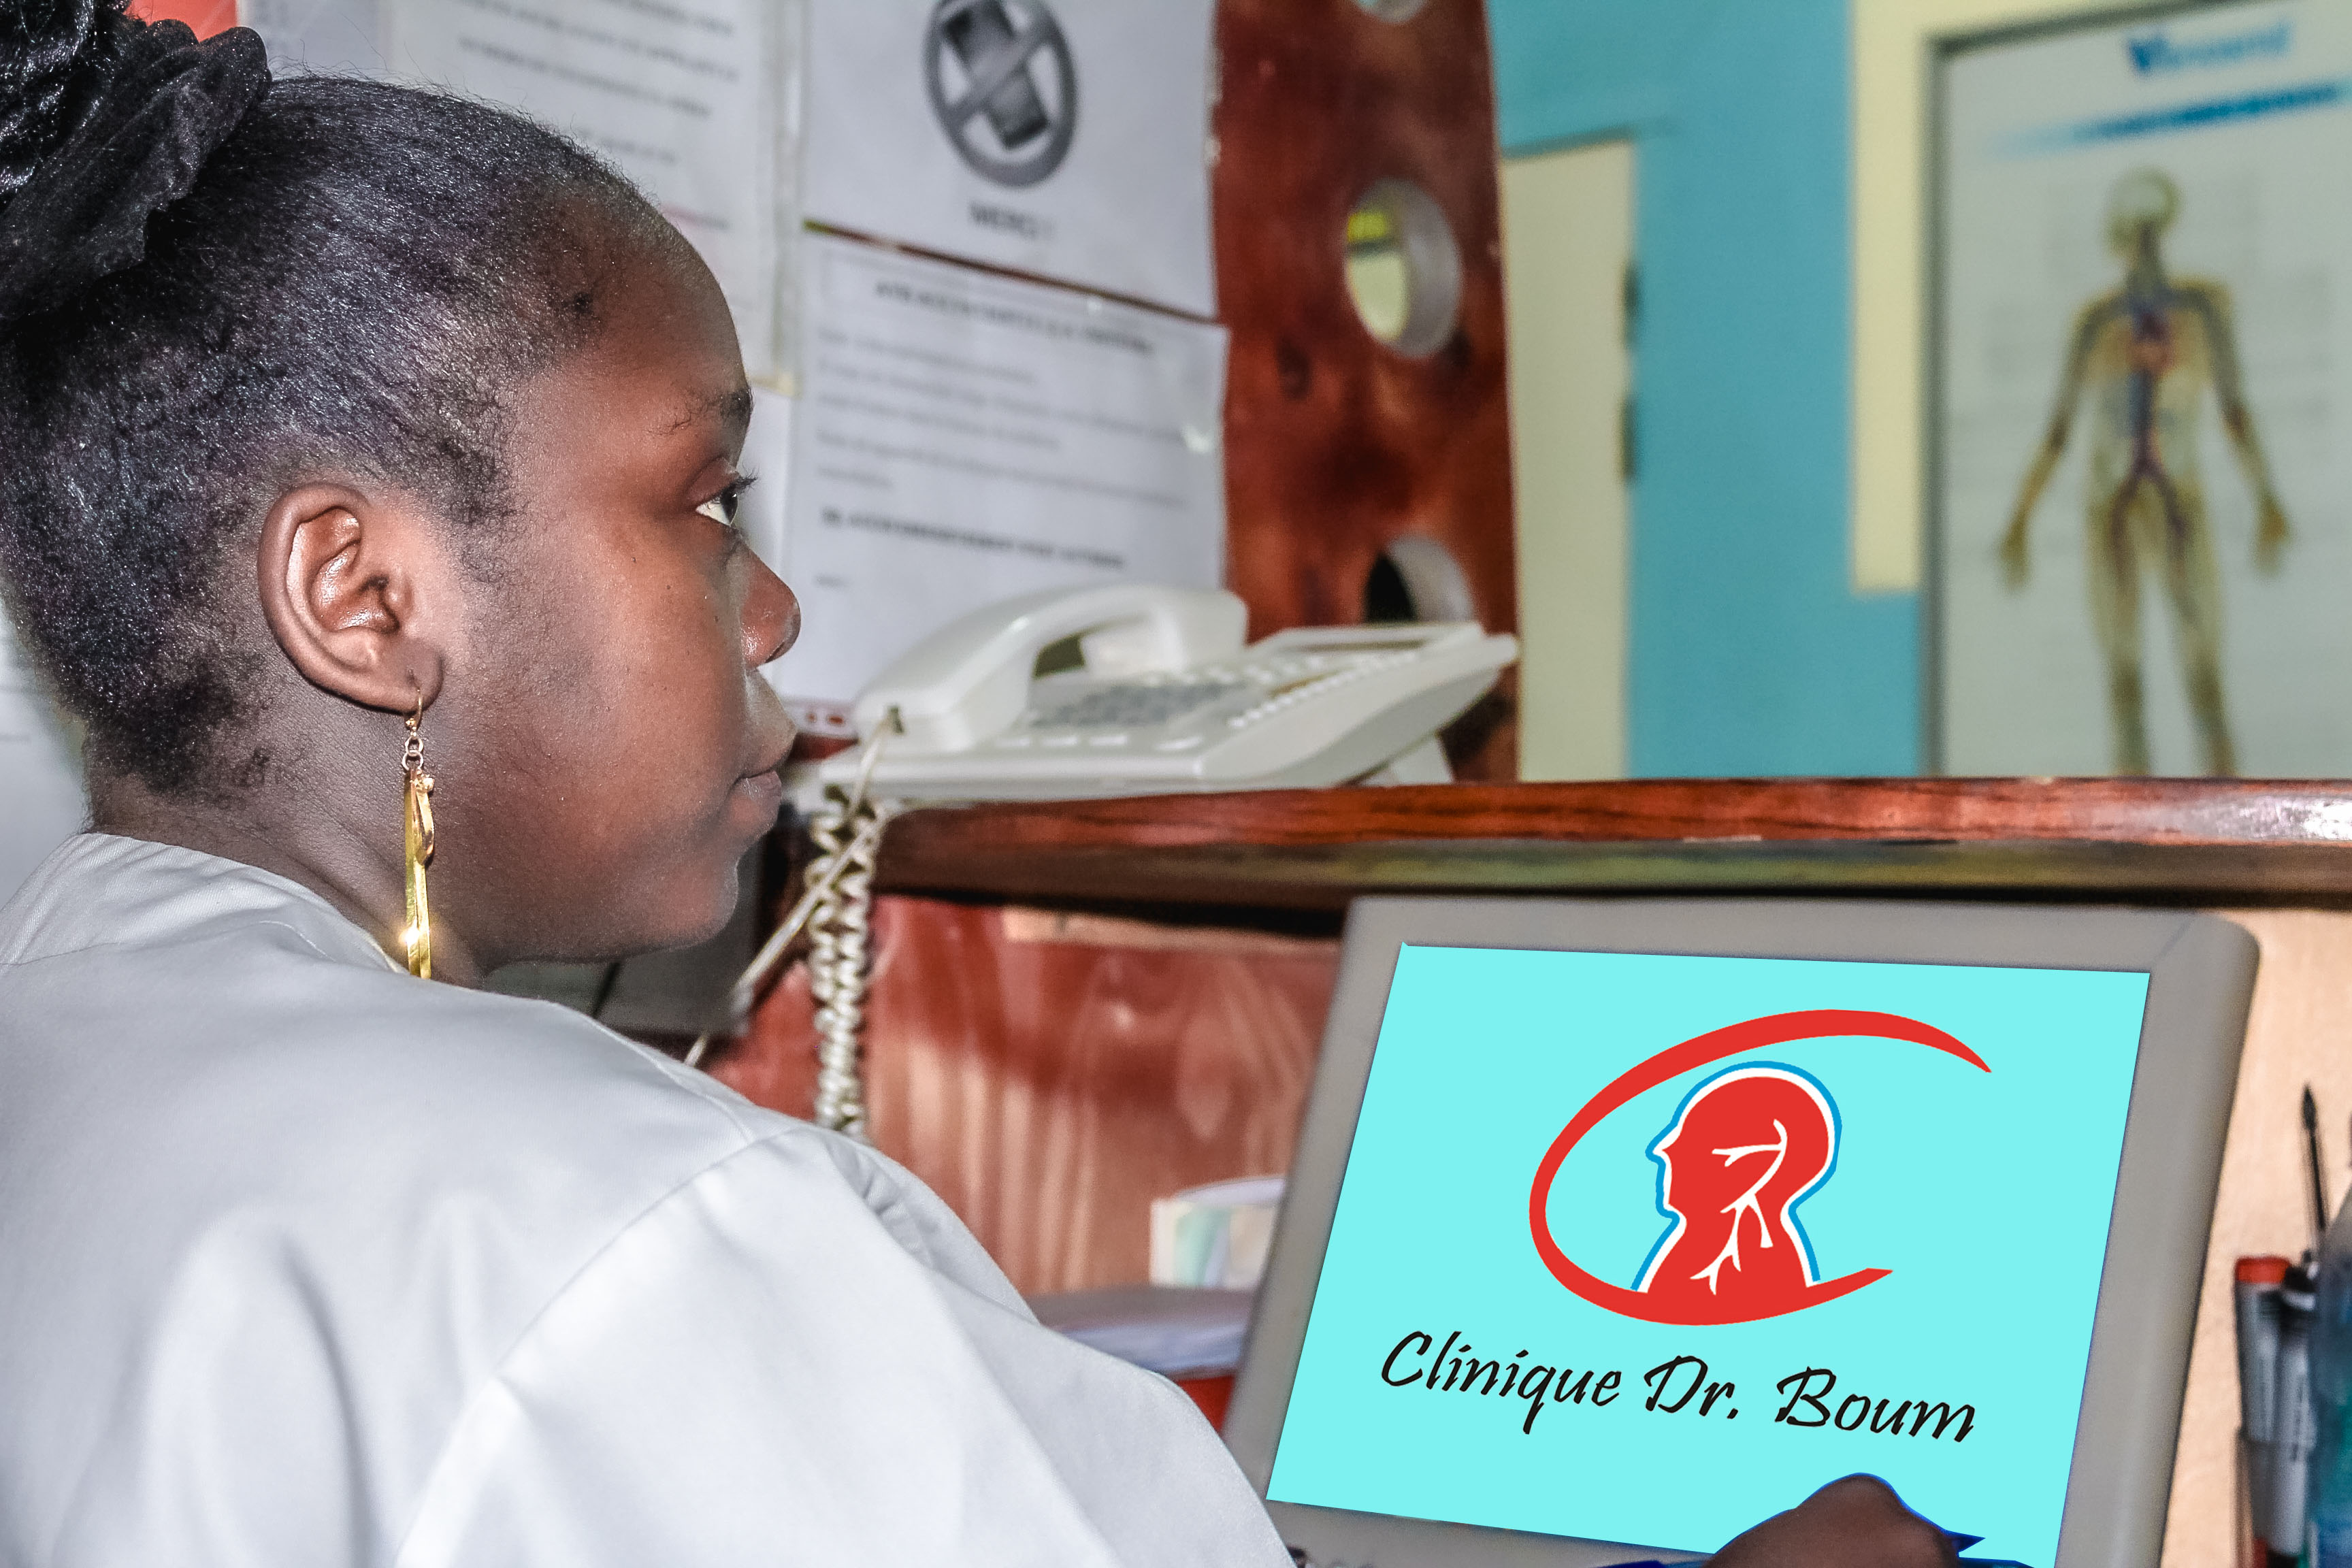 clinique dr boum - reception